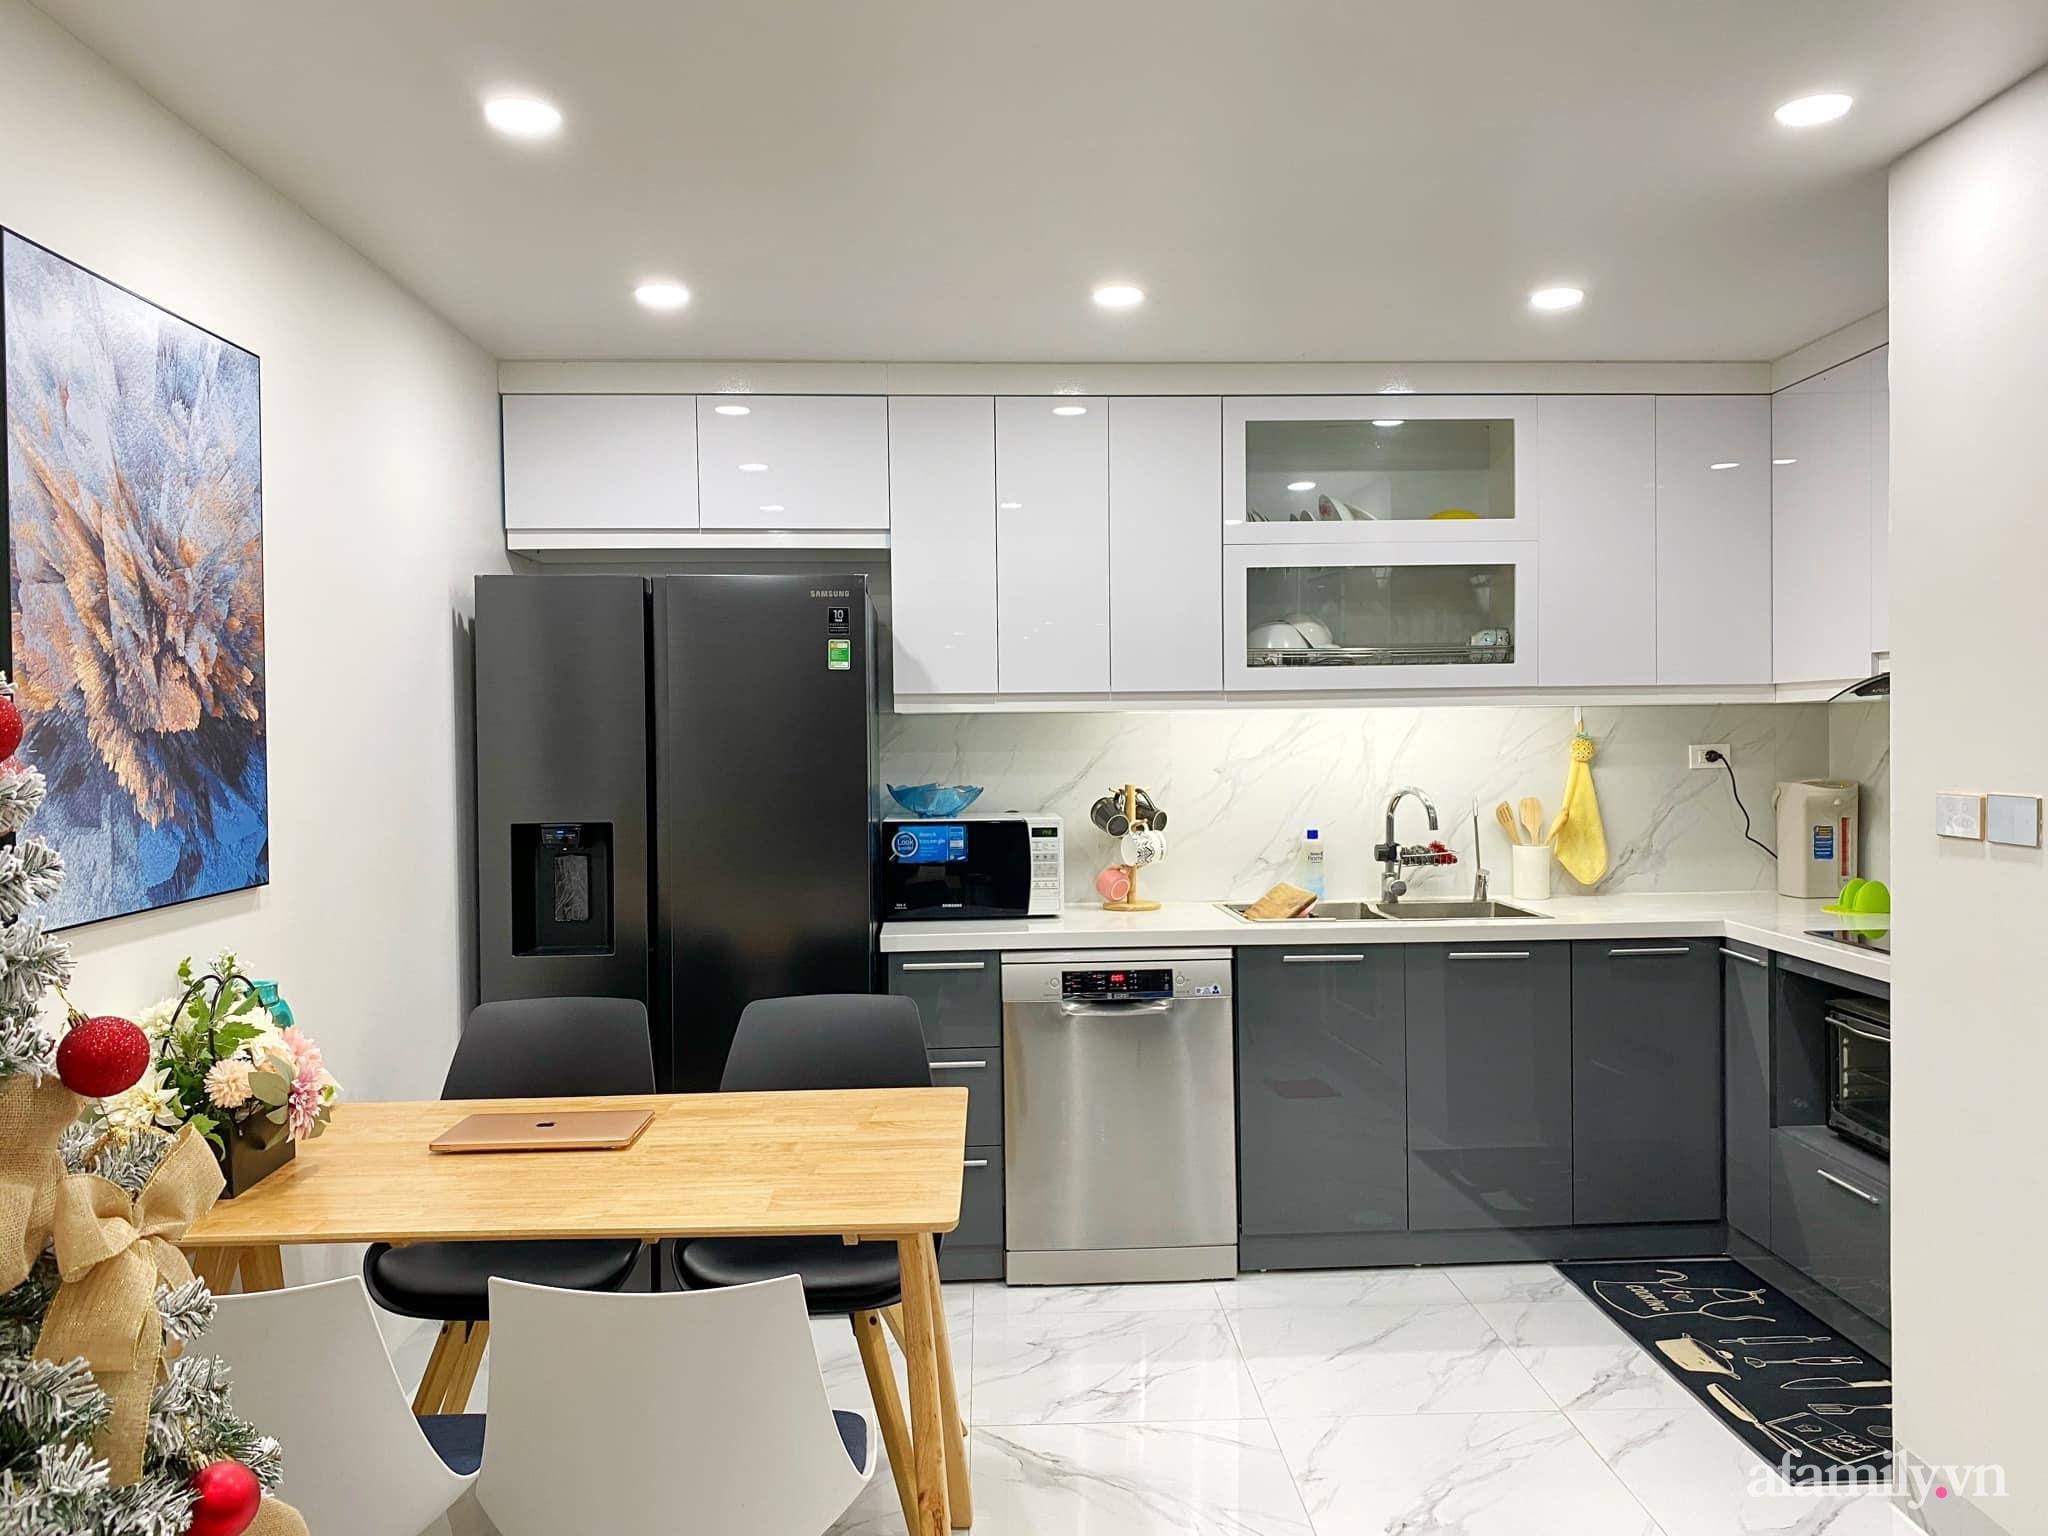 Nhà phố 32m² với 4 tầng rộng thoáng, góc nào cũng ngập ánh sáng ở ngõ nhỏ Thanh Xuân, Hà Nội - Ảnh 8.